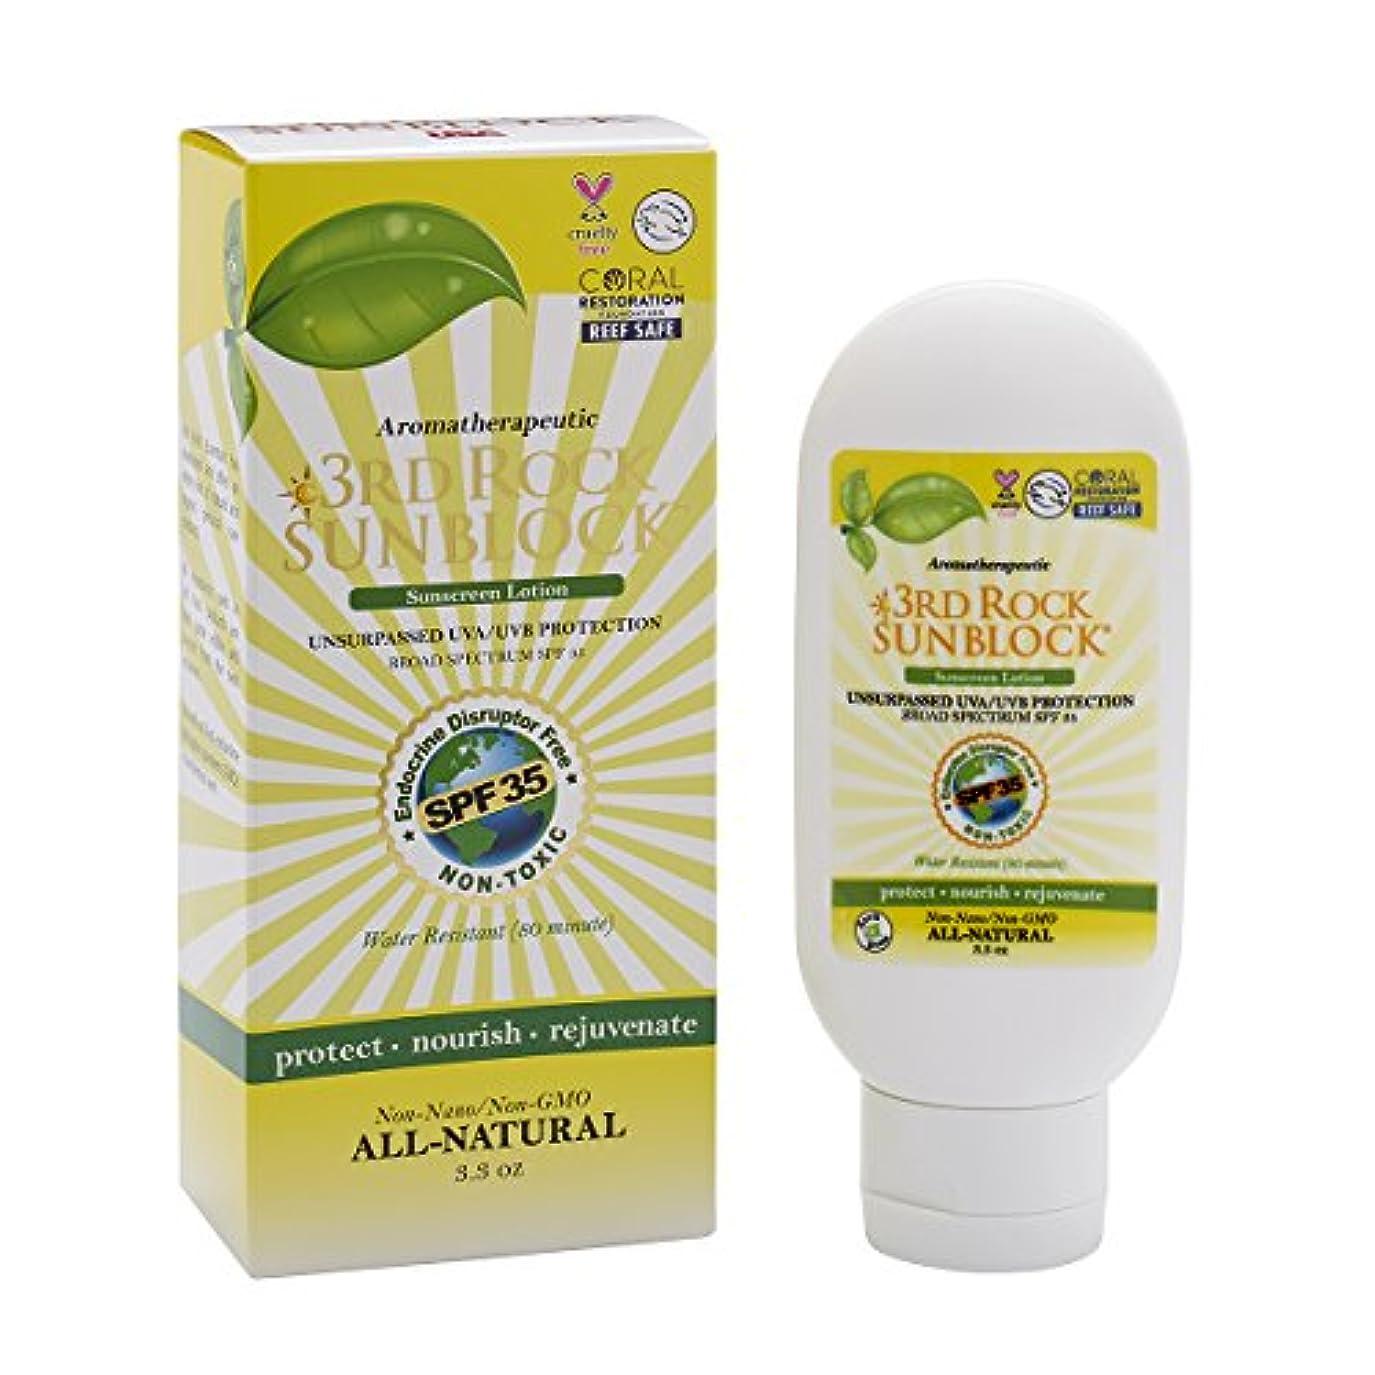 トロリーバス杖スラダム3rd Rock Sunblock?つ? Sunscreen - SPF 35+ / 100% Toxin Free Natural Organic Hypoallergenic Sunscreen Lotion with...